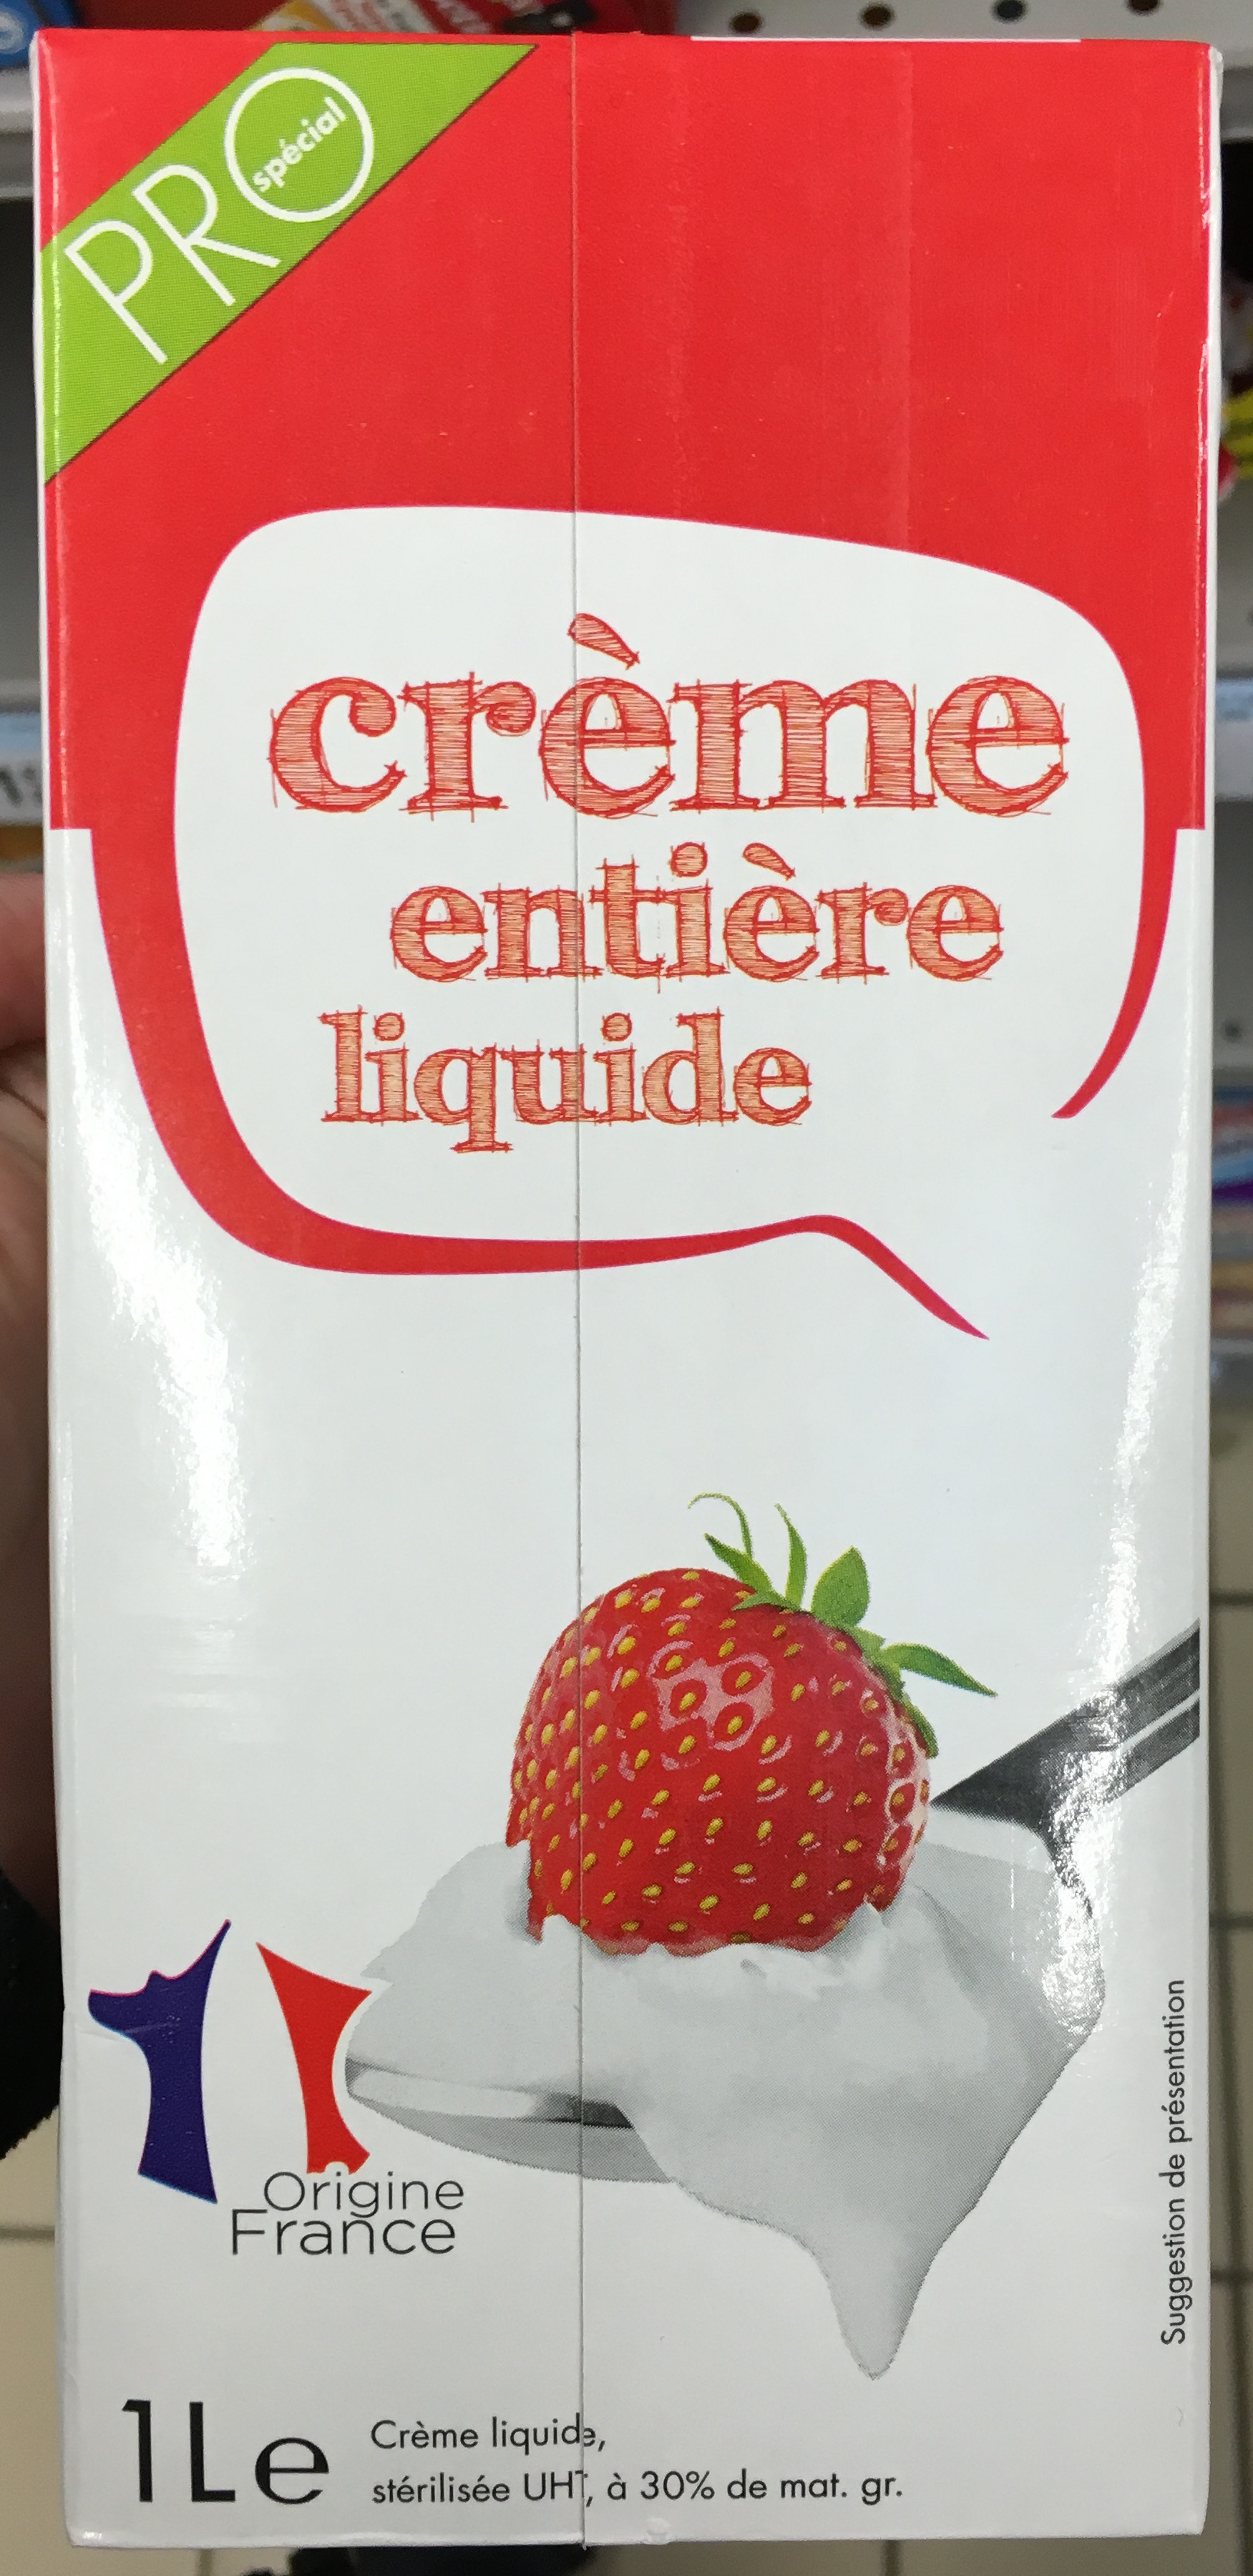 0ef211049fb Crème entière liquide (30 % MG) - Sans marque - 1 L